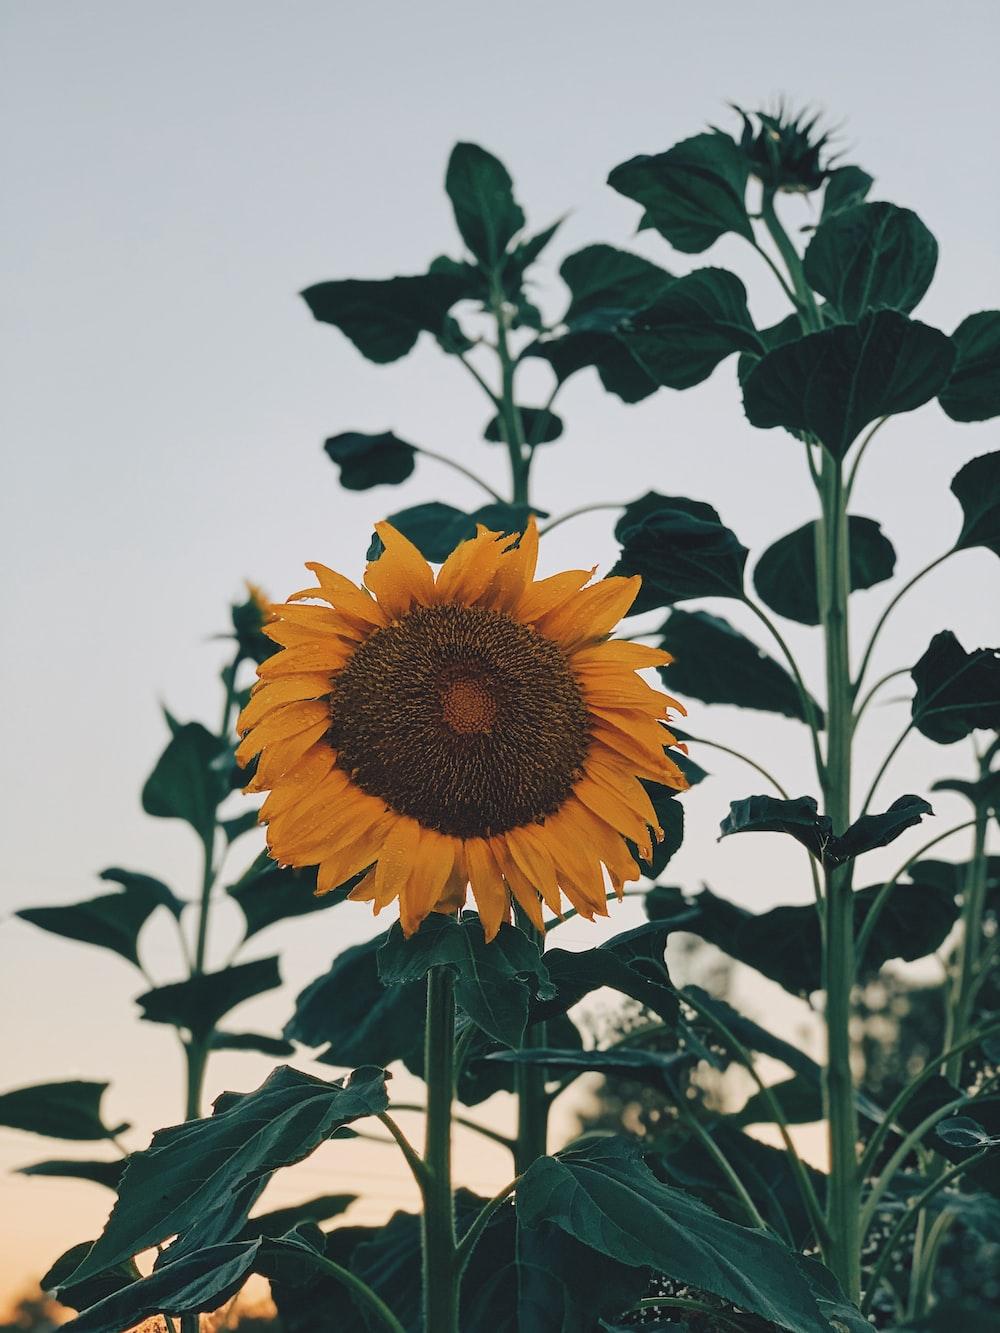 yellow sunflower during daytime